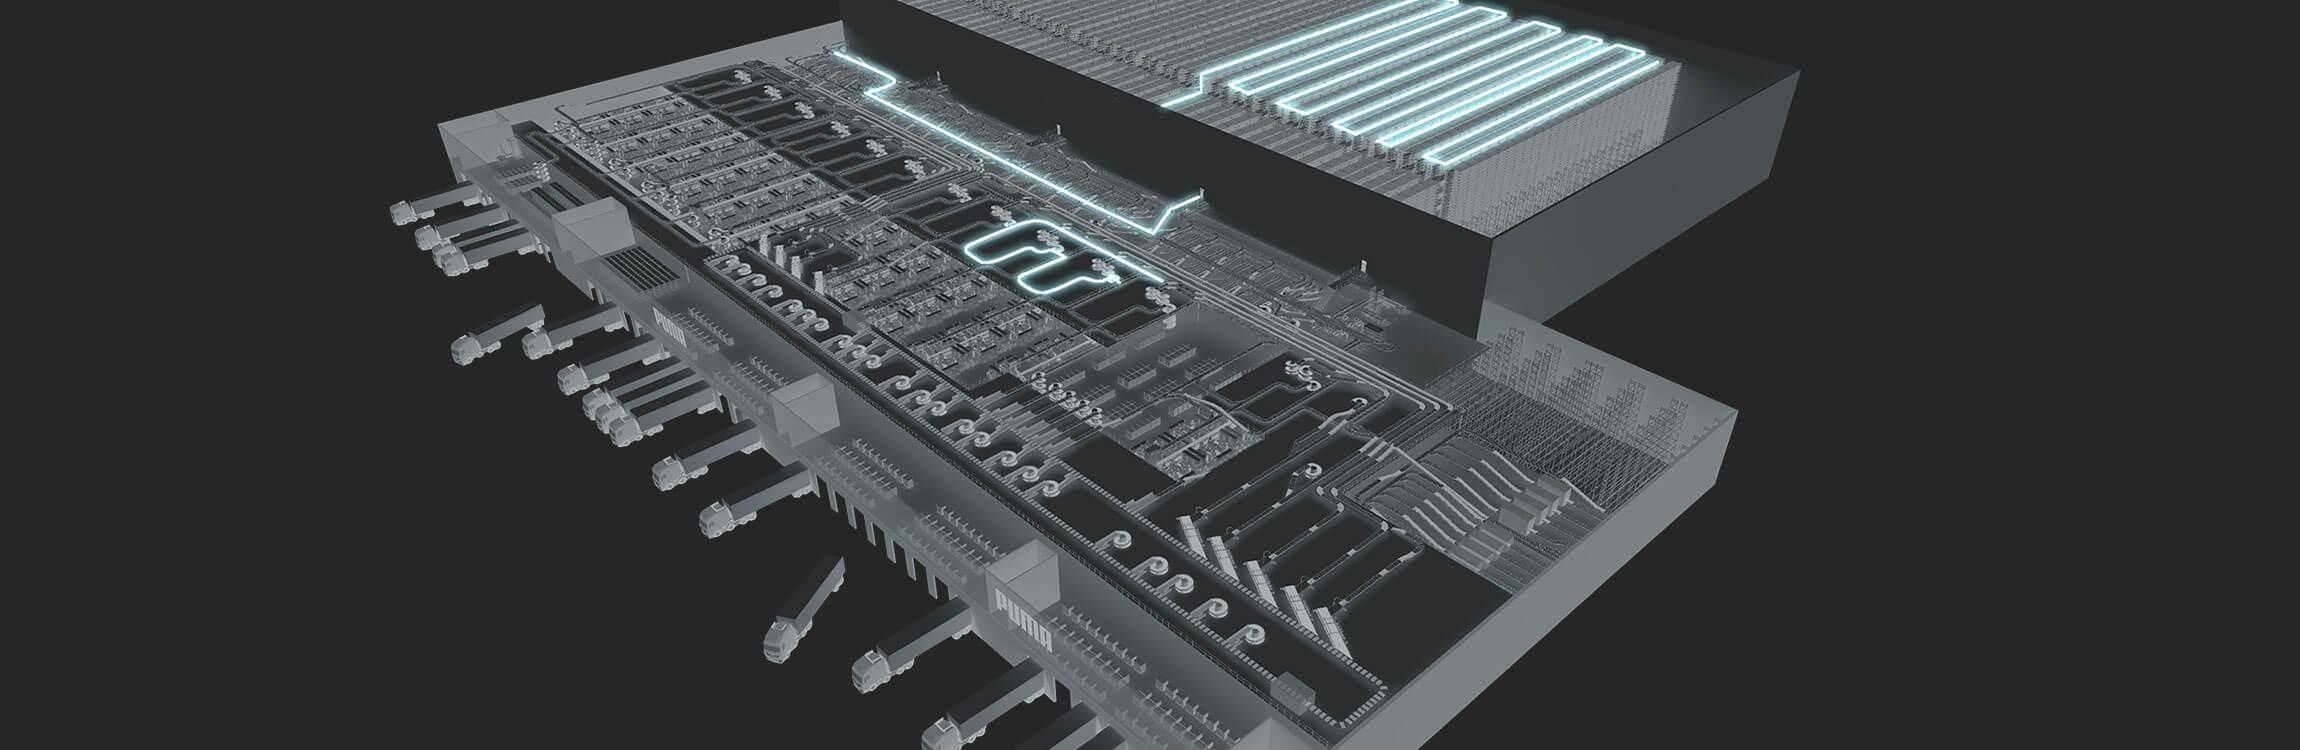 PUMA setzt beim Bau des zentralen Distributionszentrums auf Intralogistik-Lösungen vom Systemanbieter TGW